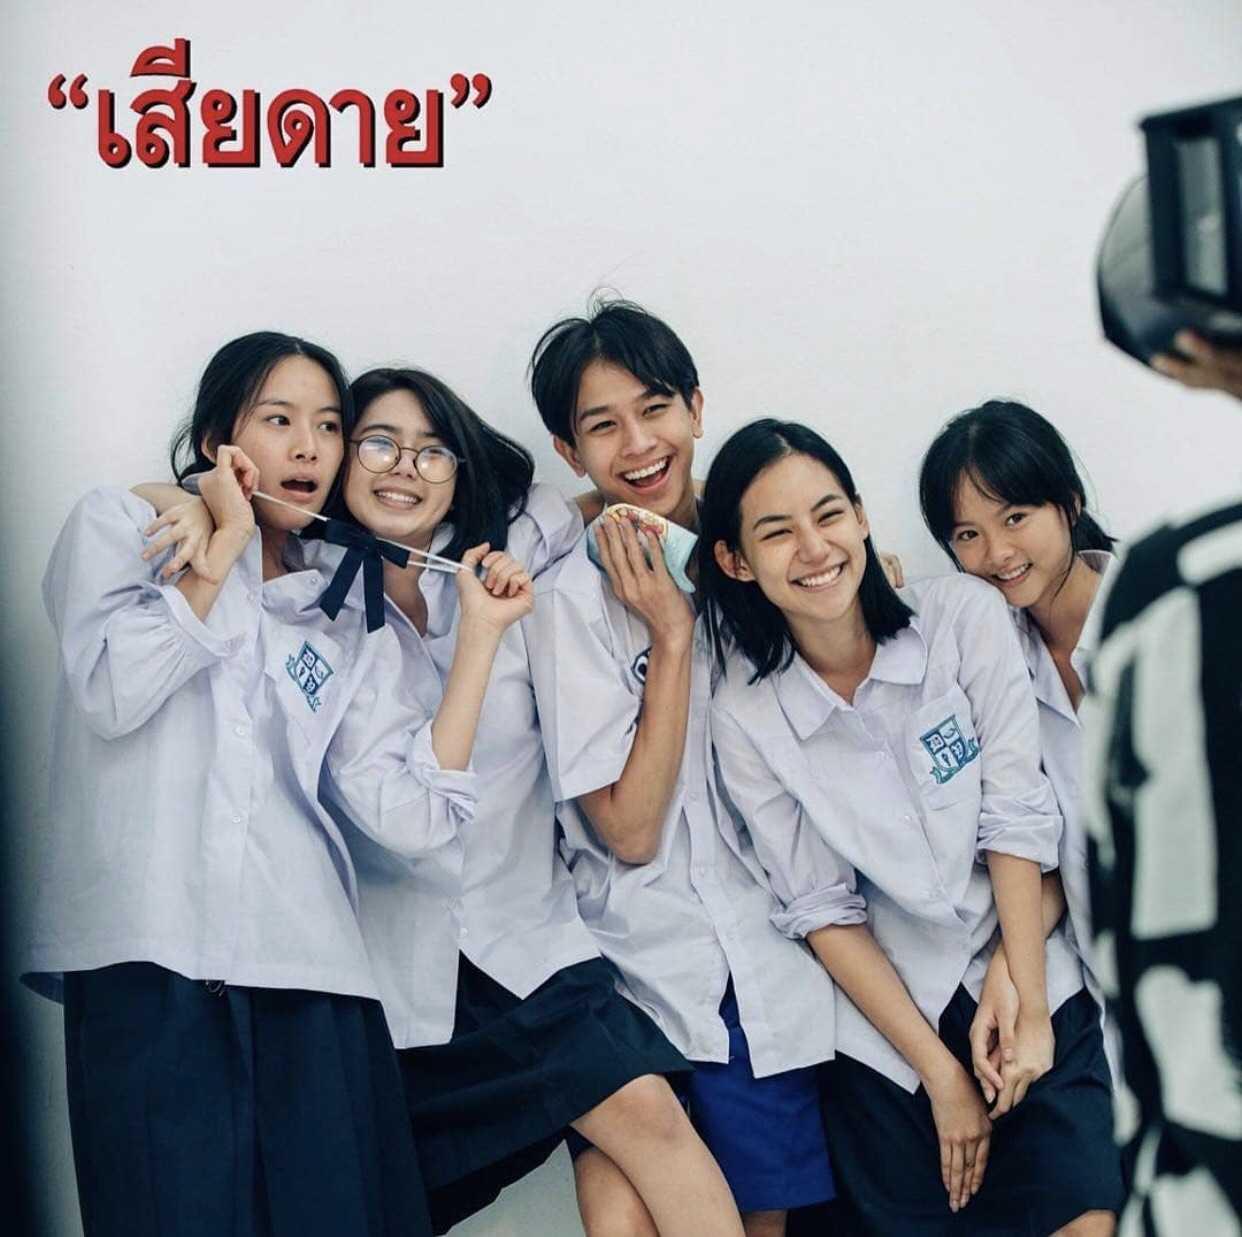 เสียดาย-2020-ตอนที่-1-24-พากย์ไทย-จบ-